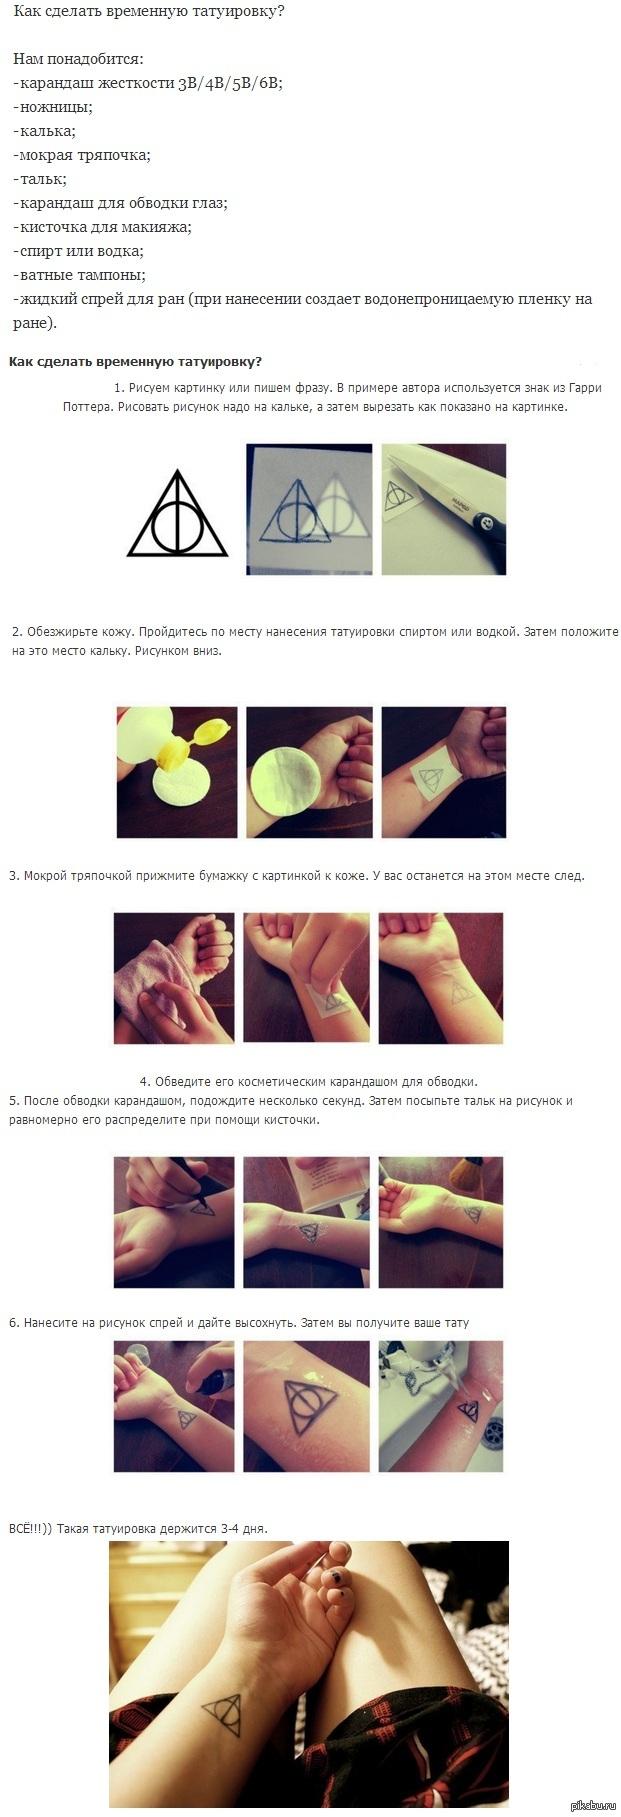 Сделать временную переводную татуировку в домашних условиях